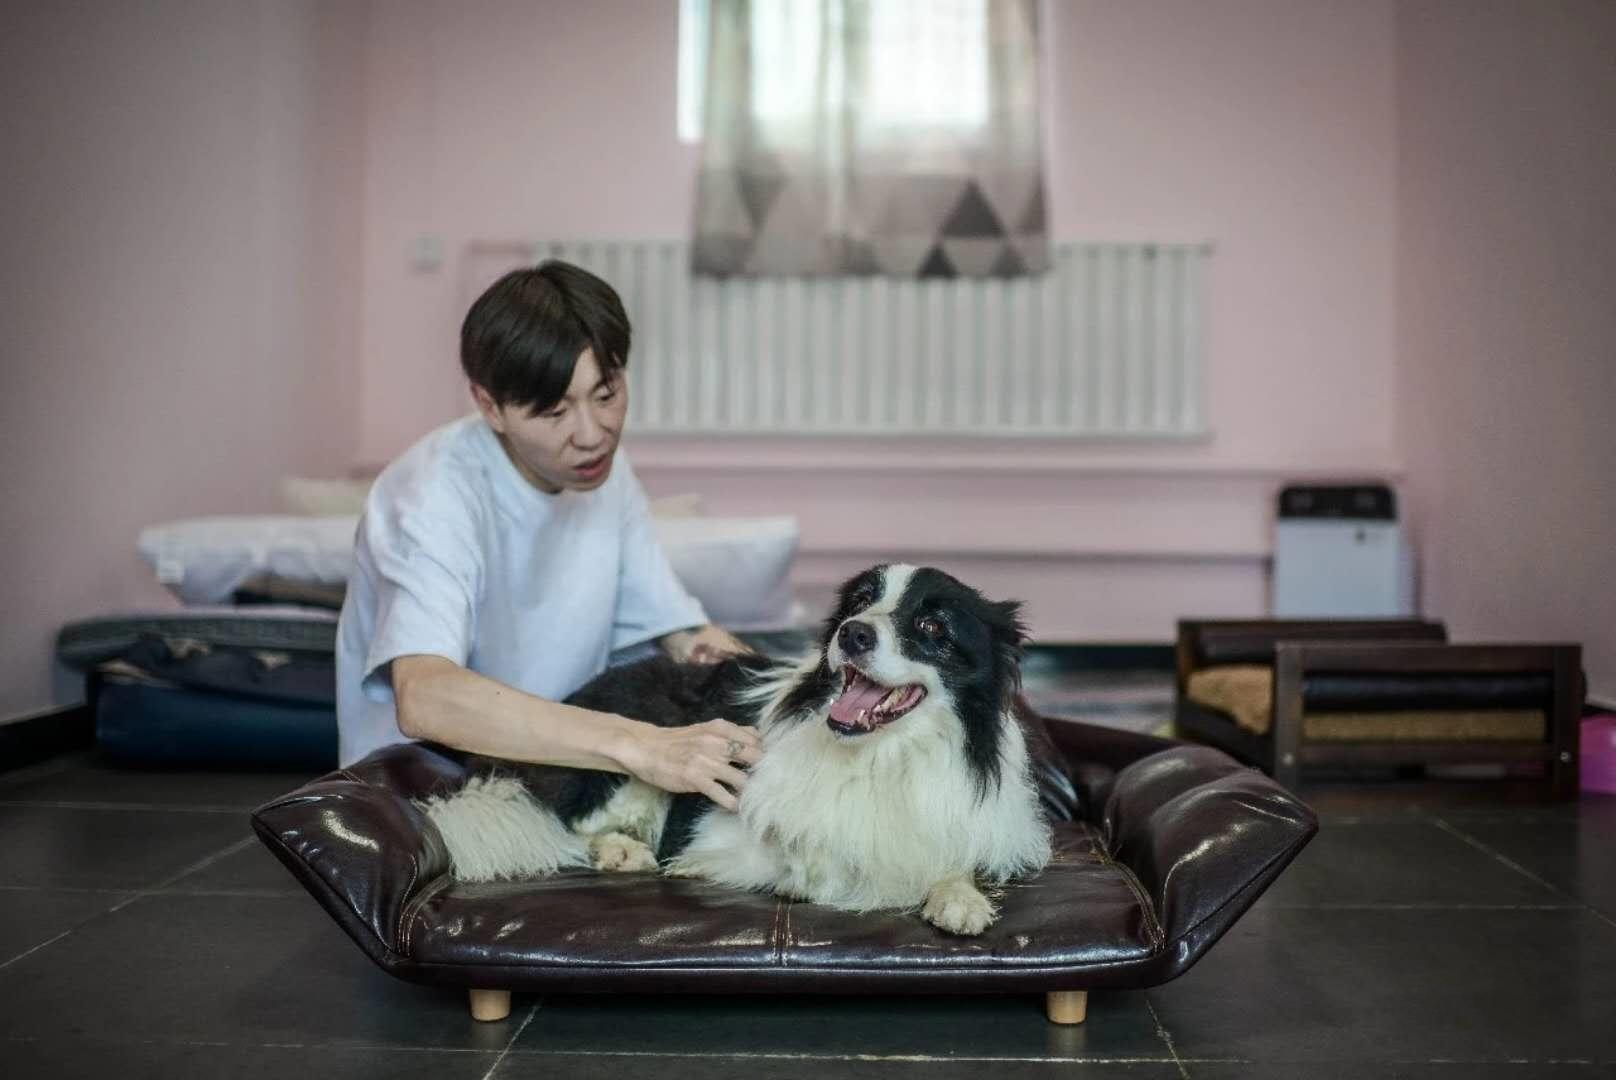 塞拉寵物 訂制寵物專屬寄養狗狗寄養服務寵物代養春節預約